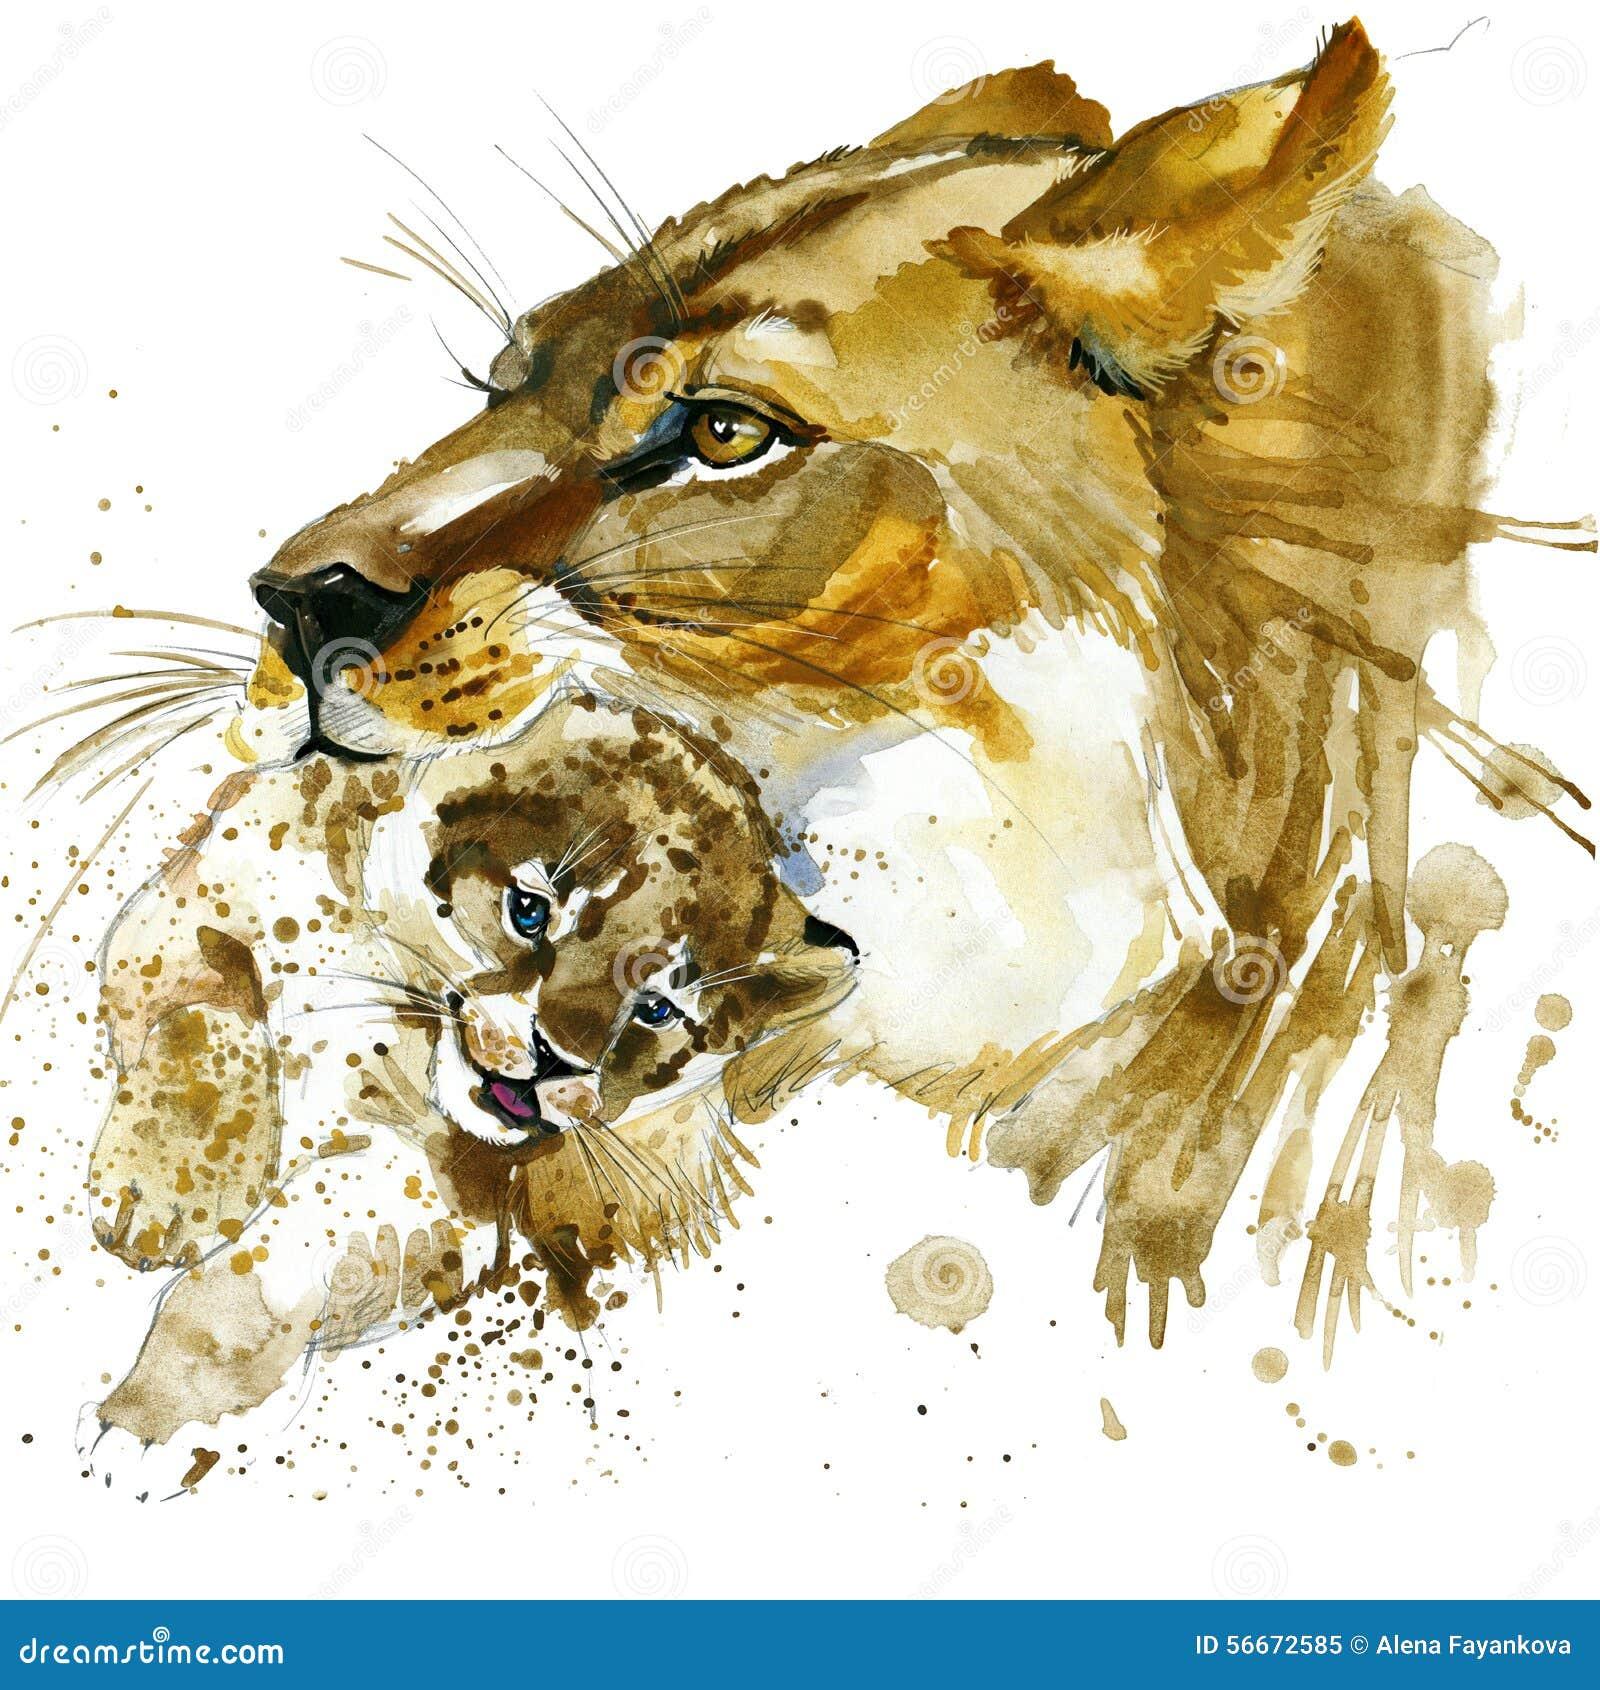 Lwicy i lisiątka koszulki grafika lwicy i lisiątka ilustracja z pluśnięcie akwarelą textured tło niezwykła ilustracja w